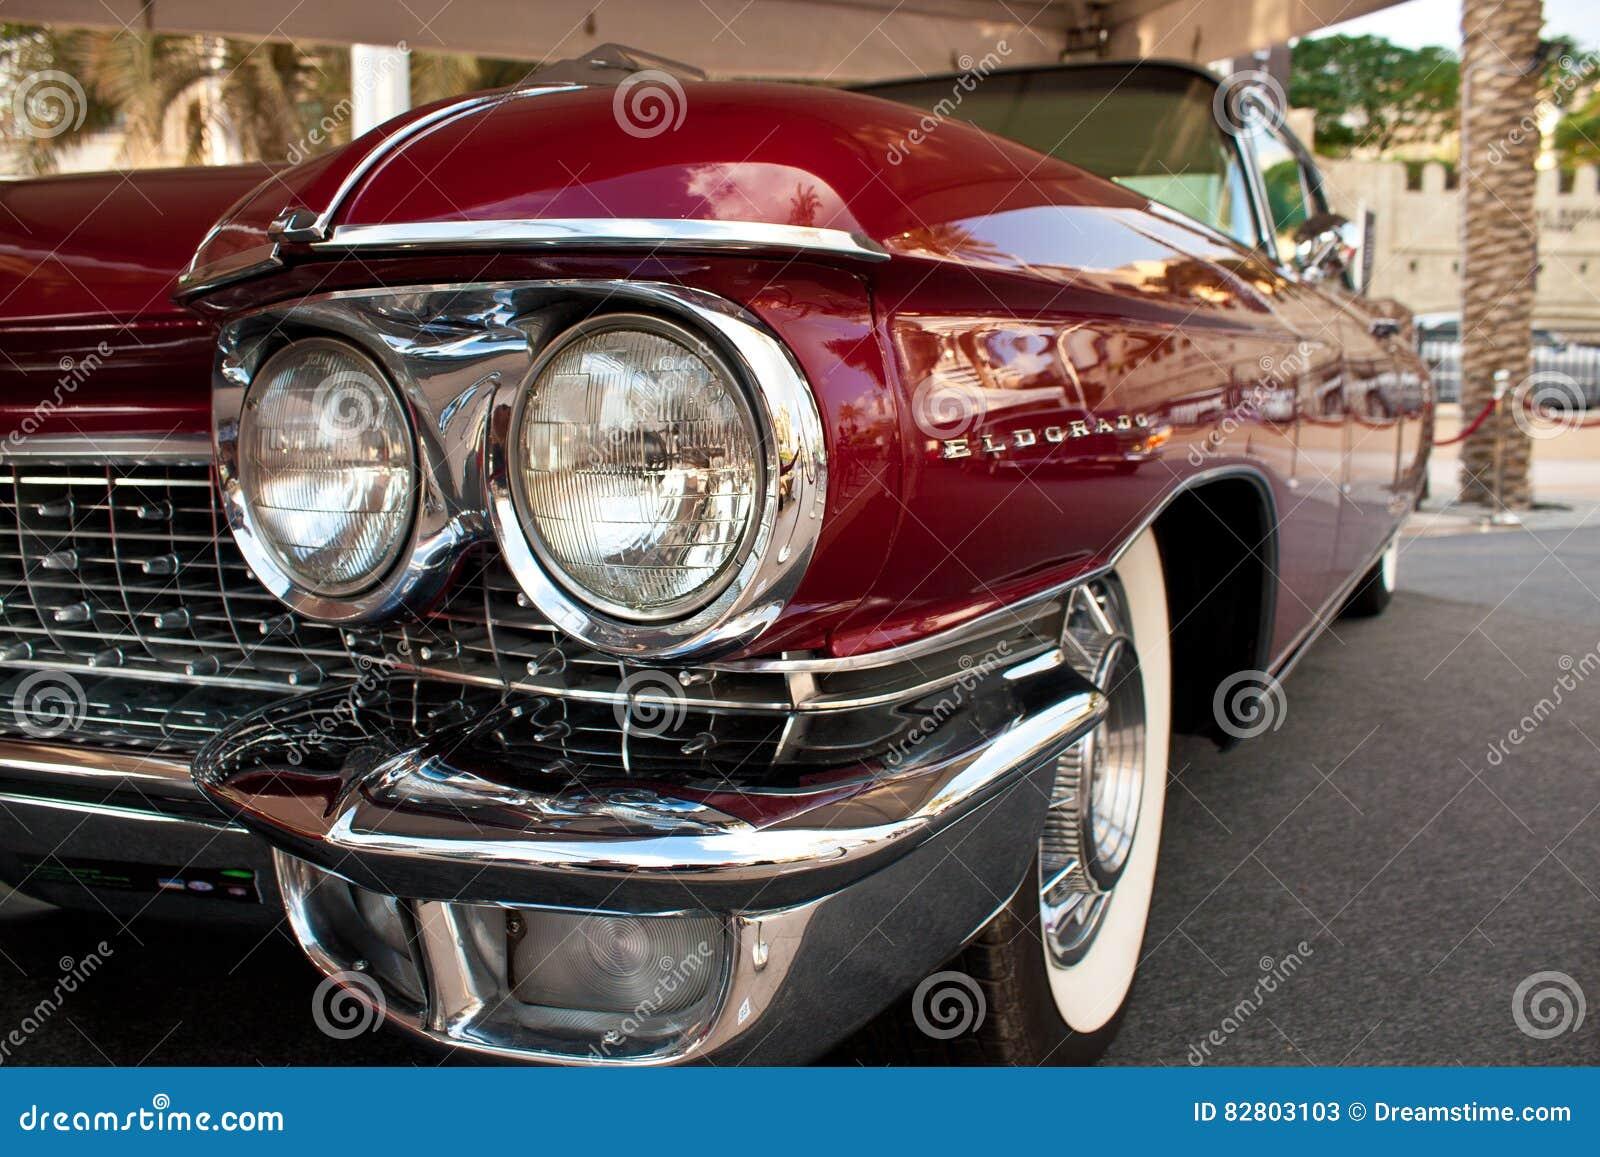 迪拜- 2012年3月14日:1960年卡迪拉克黄金国比亚利兹敞篷车在酋长管辖区经典汽车节日显示